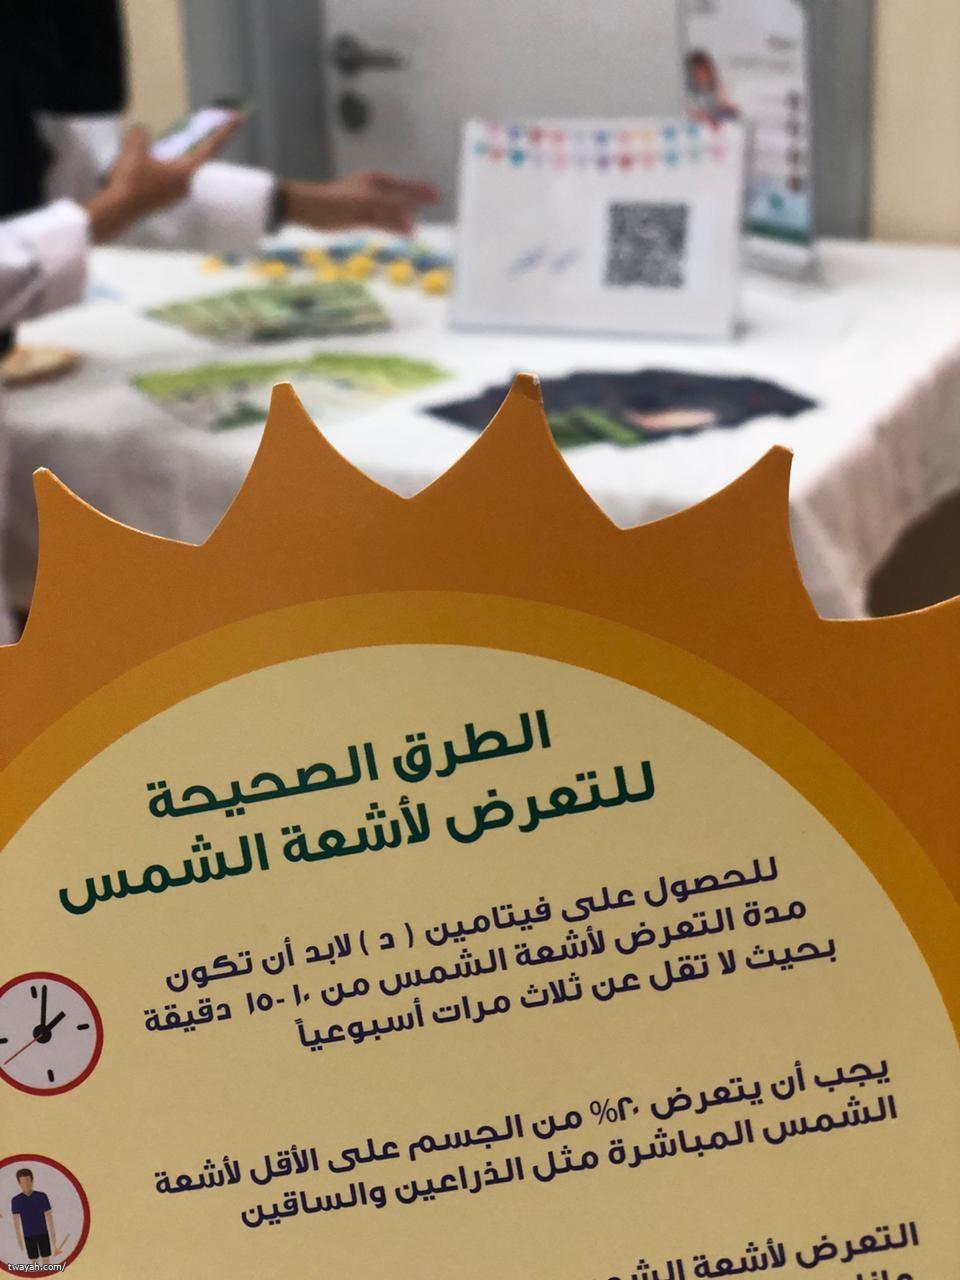 مركز صحي البحيرات ينفذ يوم الطفل الخليجي